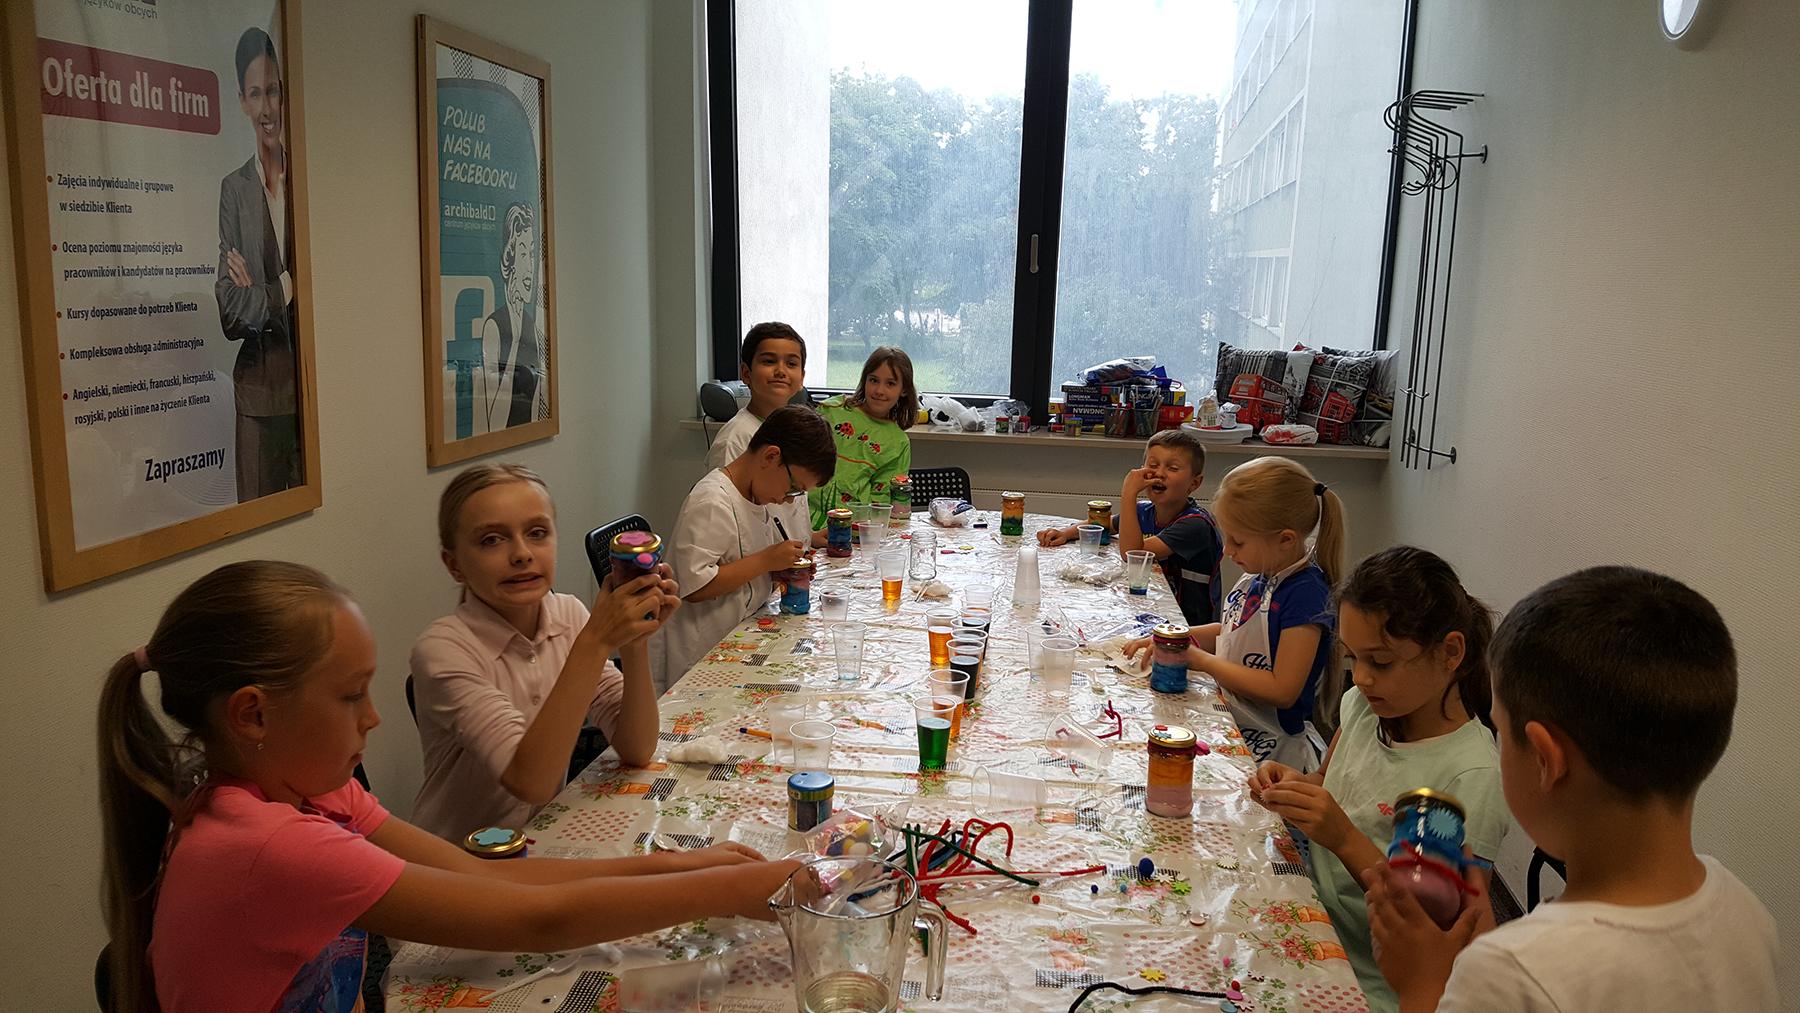 15 polkolonie warszawa archibald kids